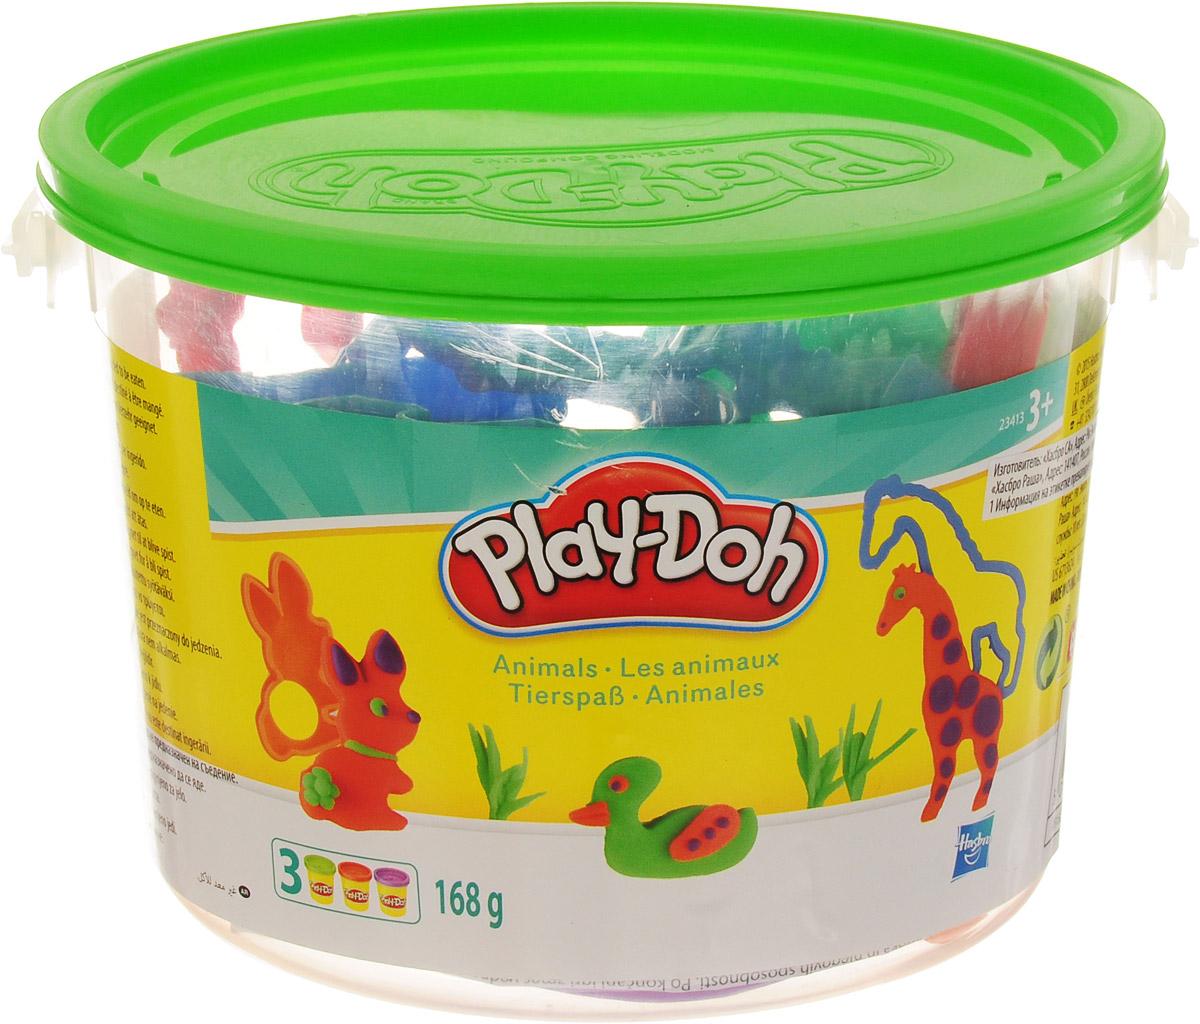 Игровой набор Play-Doh Ведерочко не позволит скучать вашему малышу. С помощью инструментов для лепки малыш сможет создать множество разных фигурок, вырезая, отпечатывая или раскатывая пластилин. Трафареты созданы специально для маленьких ручек, они удобны в использовании и безопасны.В наборе три баночки с пластилином разных цветов, разнообразные формочки и инструменты для лепки.Play-Doh - король пластилина! Этот уникальный материал для детского творчества давно стал любимой развивающей игрушкой для малышей во всем мире. Мягкий пластилин Play-Doh дарит детям радость творчества, а родителям - уверенность, что ребенок получает новые знания самым безопасным способом. Лепить из пластилина, который не прилипает к рукам, одно удовольствие! Пластилин окрашен безопасным красителем, быстро высыхает и не имеет запаха. Соответствует европейским нормам безопасности. Уникальный рецепт Play-Doh хранится в секрете, но факт остается фактом: пластилин сделан на основе натуральных съедобных продуктов, поэтому даже если ребенок проглотит его, ничего страшного не случится. А если во время игры пластилин окажется размазанным по столу, полу или ковру, уборка не займет много времени. Вам не понадобятся ни горячая вода, ни специальные чистящие средства. Пока Play-Doh еще мягкий, маленькие кусочки легко собрать, прилепляя их к большим. Подсохший пластилин можно собрать при помощи щетки или пылесоса.